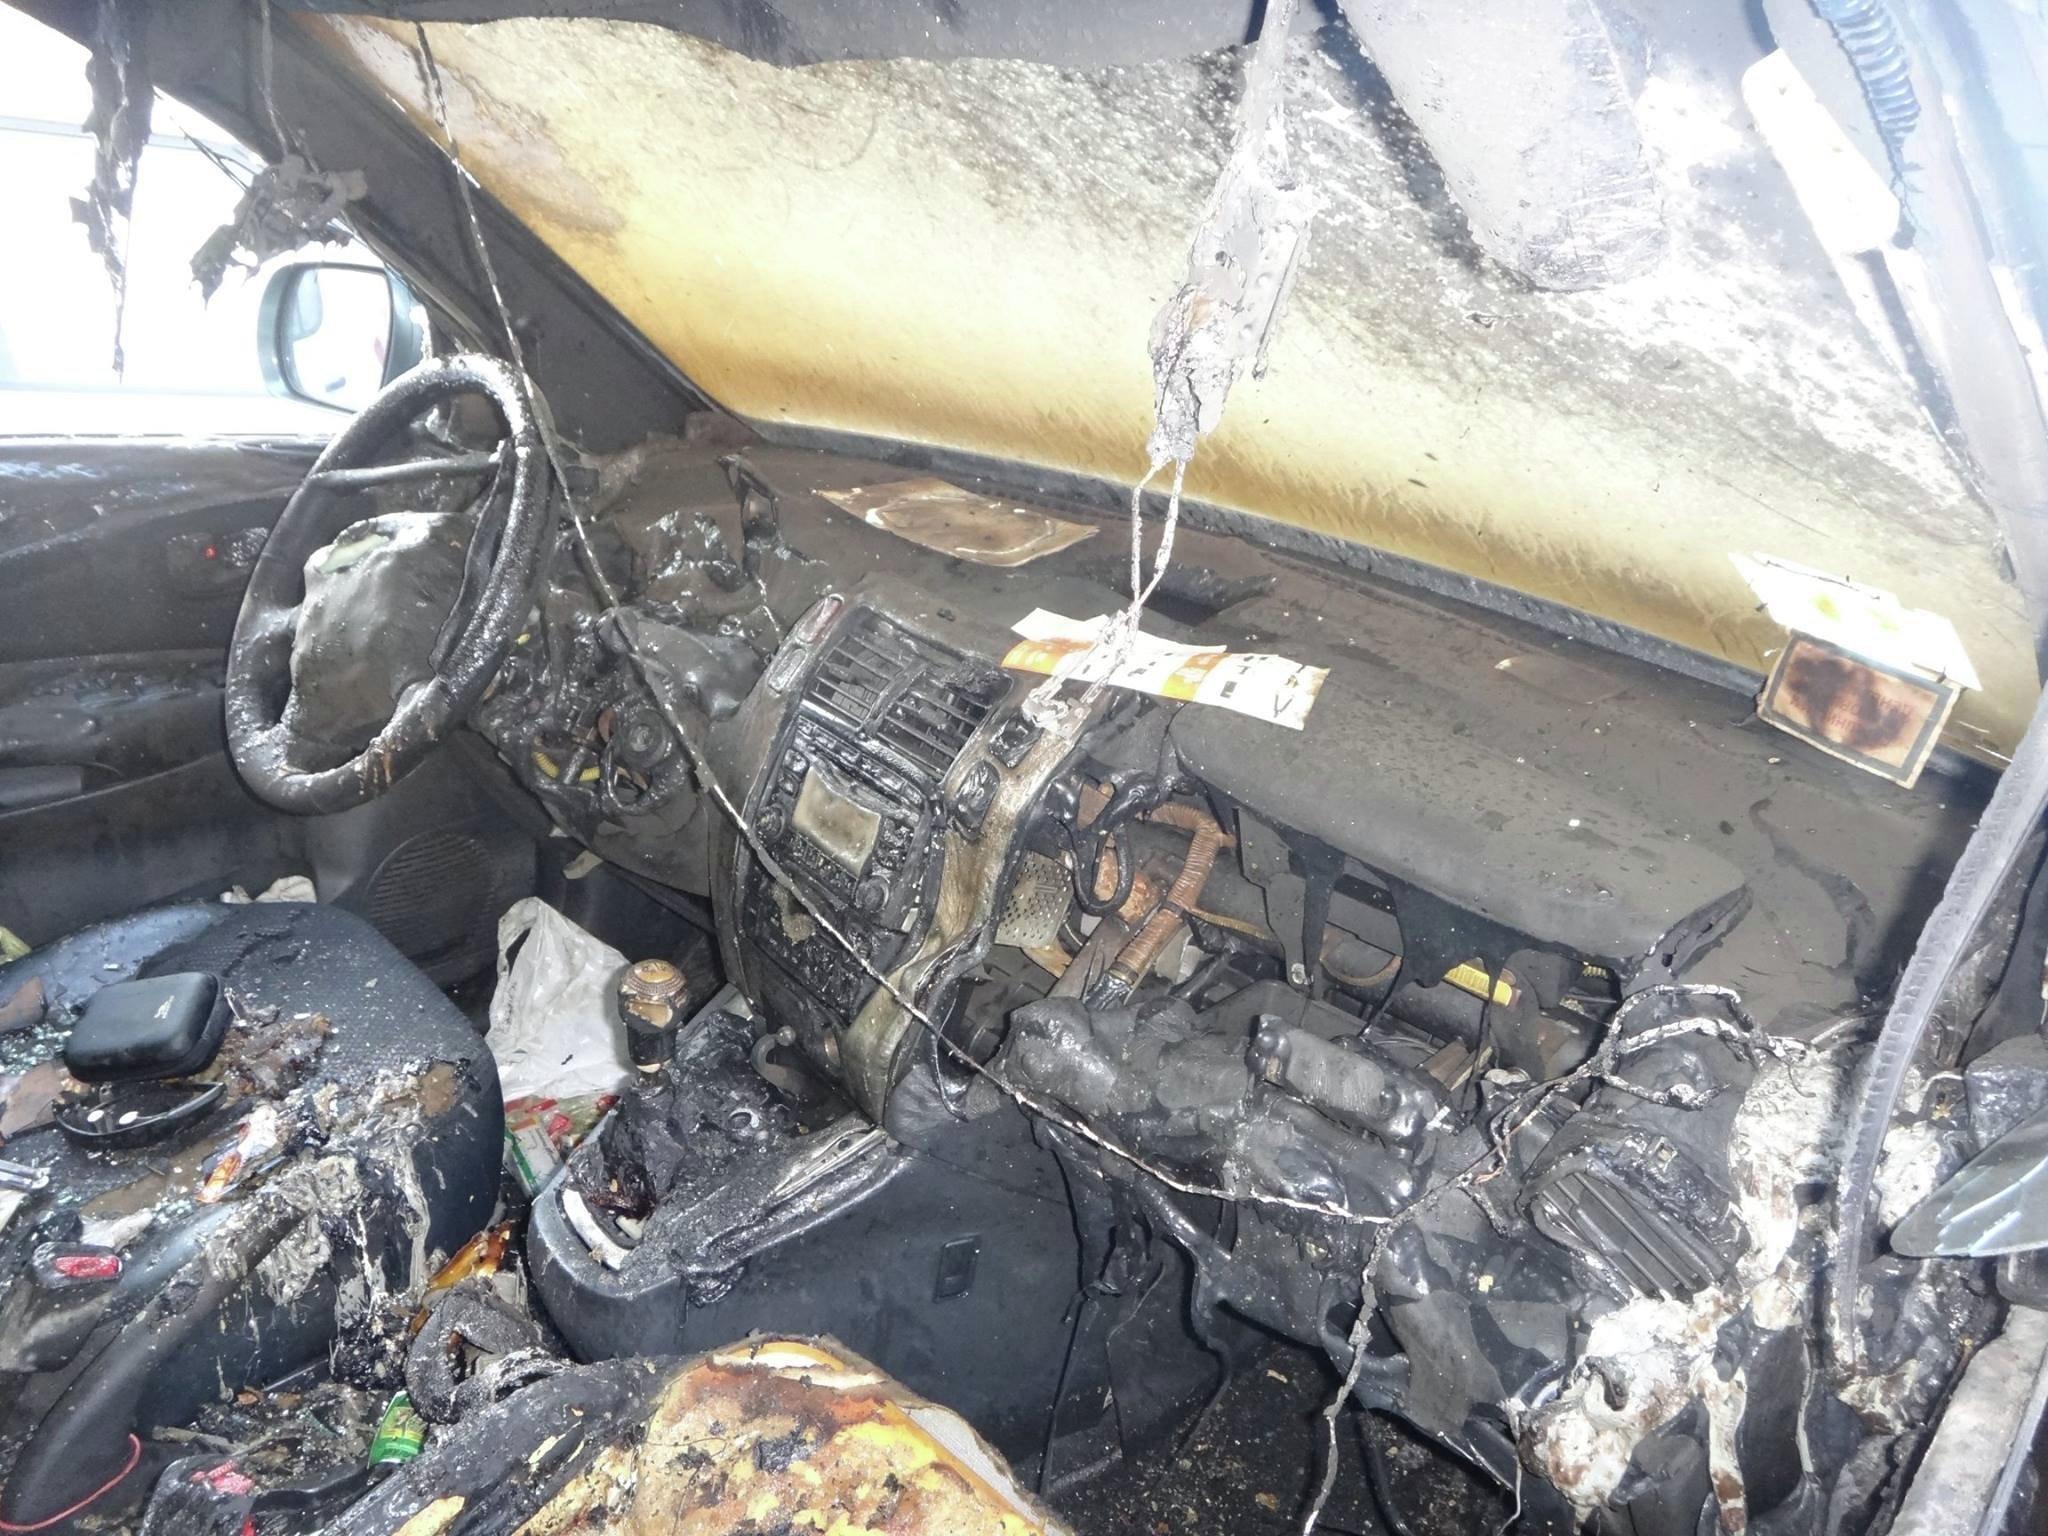 ВКиеве догхантеру сожгли машину